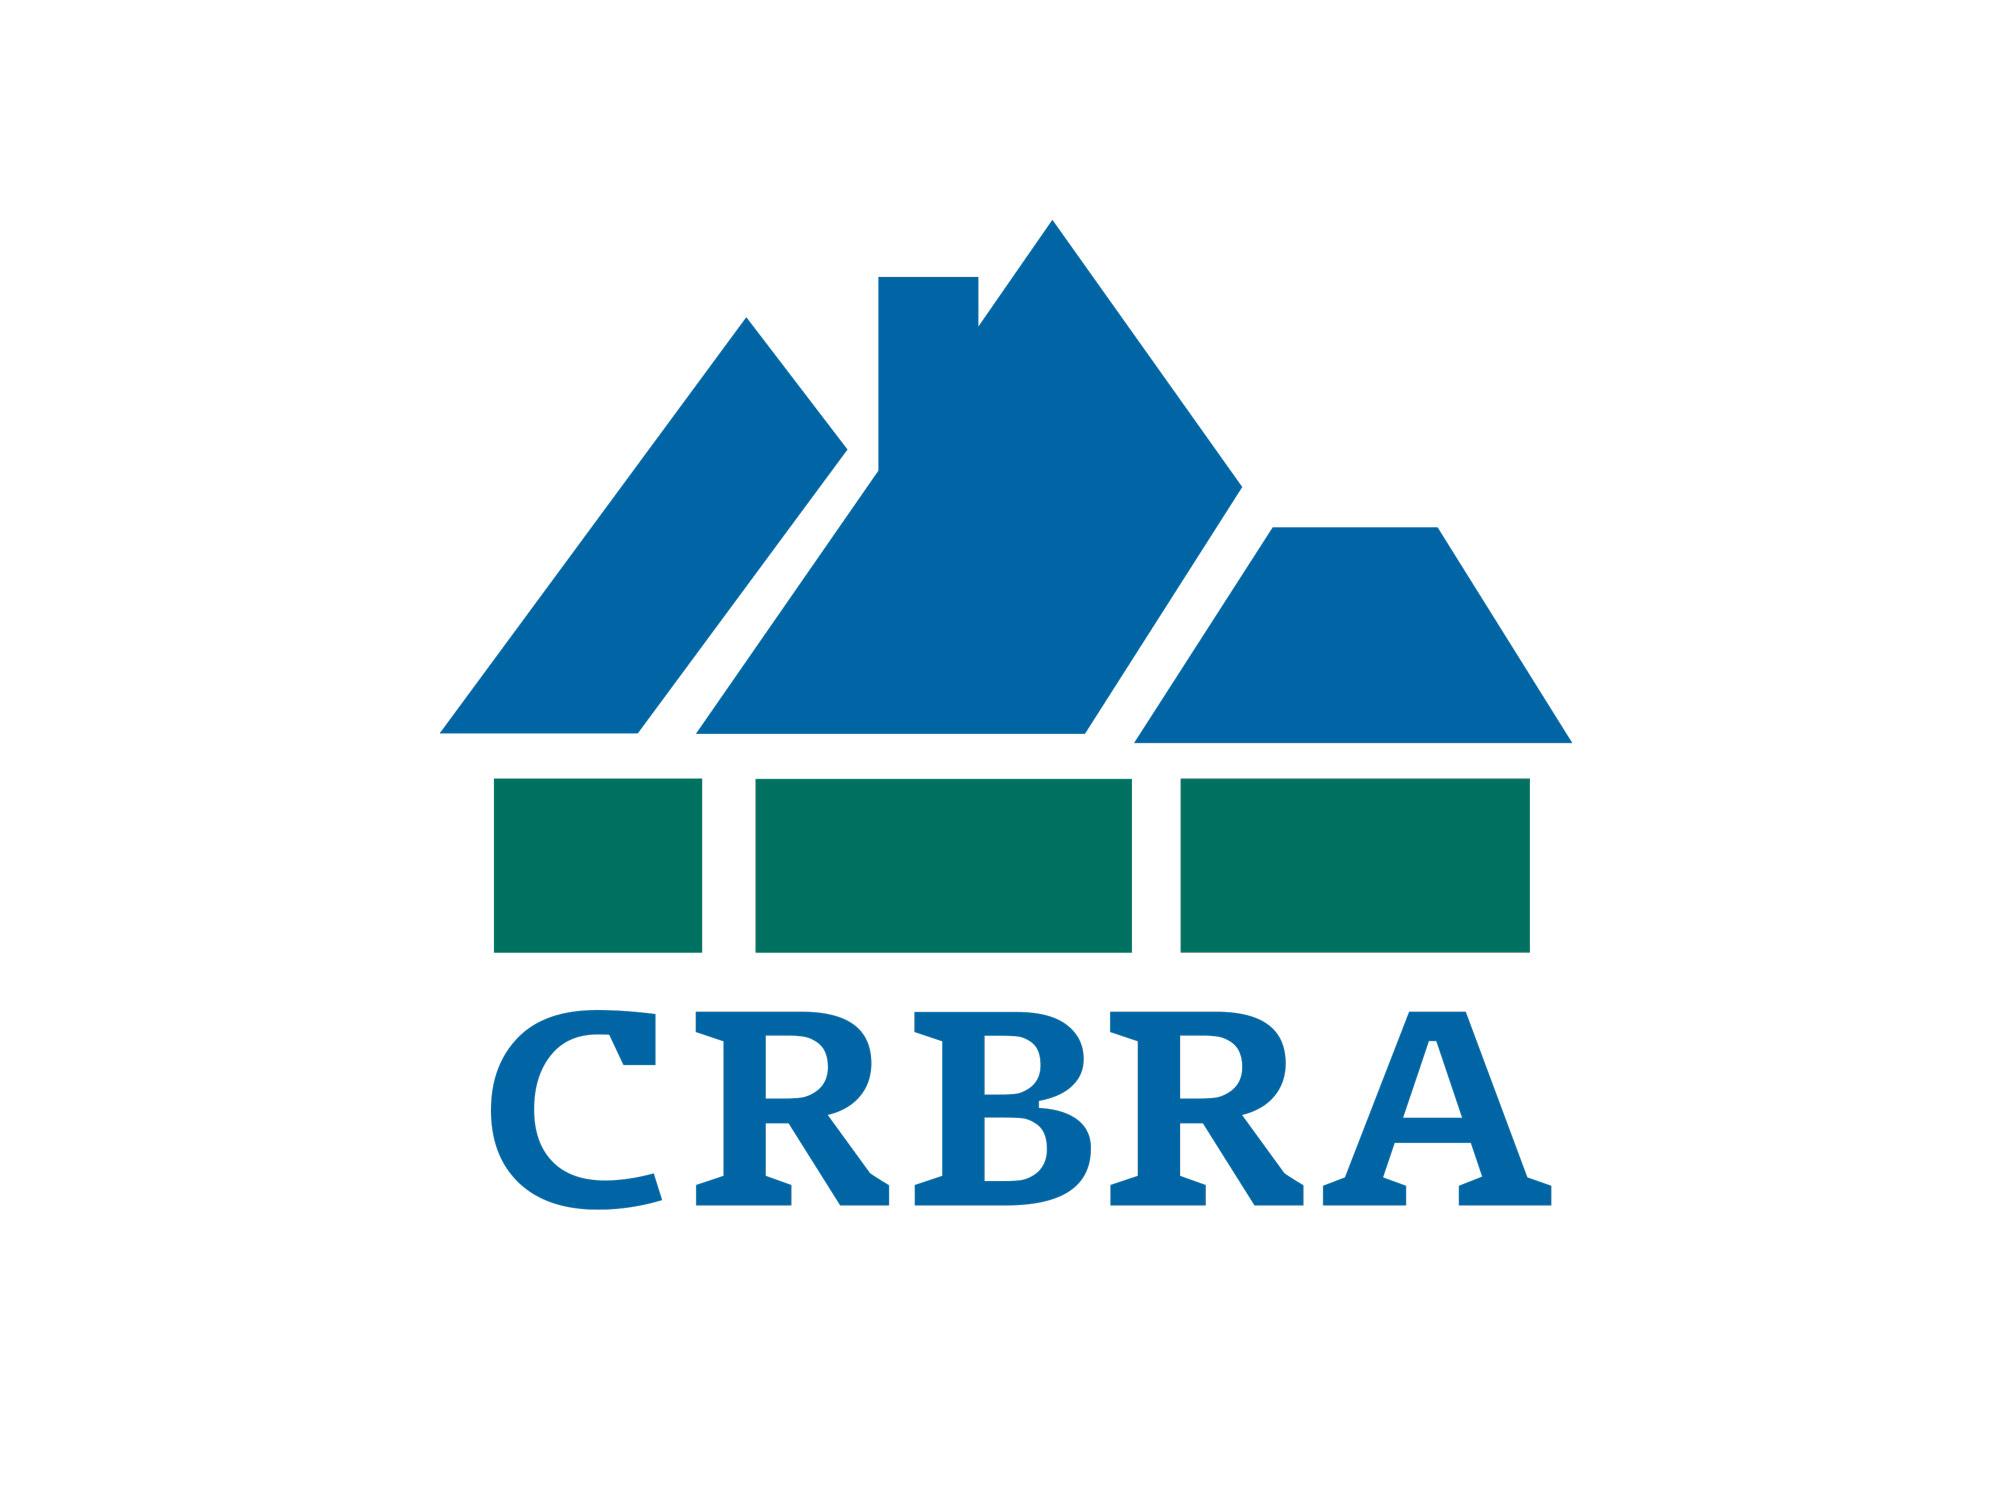 crbra logo design by mike hosier